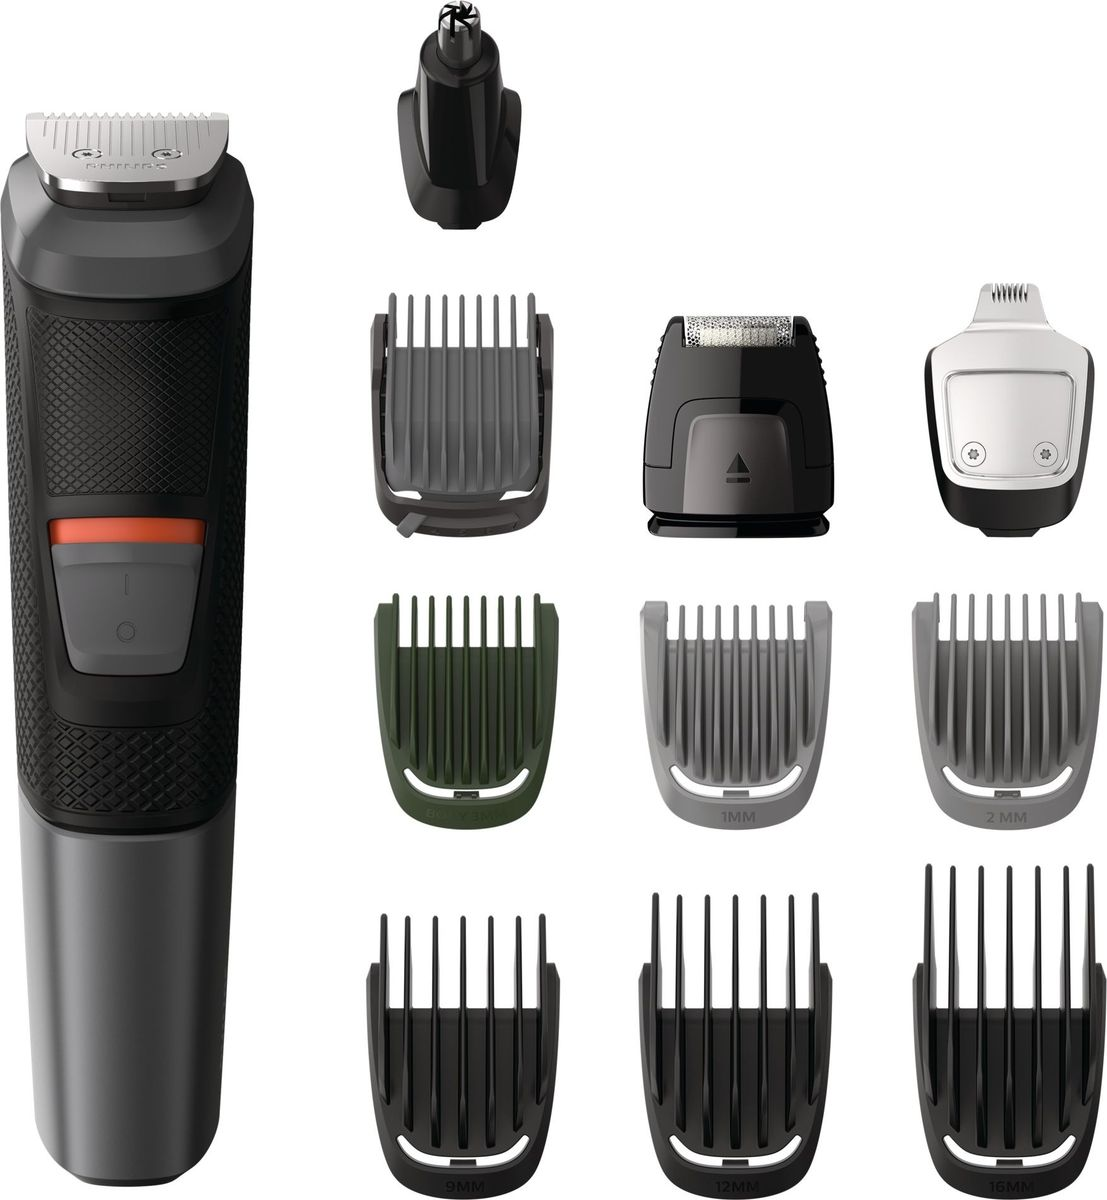 Philips MG5730 триммер 11 в 1 для волос на голове, лице и телеMG5730/15Высокая точность и превосходный стайлинг. Многофункциональный триммер 11-в-1. Создайте неповторимый образ, используя этот универсальный триммер с 11-ю насадками для стрижки волос на голове, лице и теле. Лезвия DualCut (удвоенное количество режущих элементов) гарантируют максимальную точность, а благодаря нескользящей прорезиненной ручке триммер удобно перемещать и легко держать в руке.Универсальность и легкость использованияМеталлический триммер точно моделирует бороду и подравнивает волосы на голове и телеВысокоточная бритва создает идеальный контур на щеках, подбородке и шееМеталлический триммер для контуров создает идеальные линии бороды или эспаньолкиТриммер для носа бережно удаляет нежелательные волоски в носу и ушах7 гребней для подравнивания волос на лице, голове и телеДо 80 минут автономной работы после зарядкиВодонепроницаемость для удобной очистки под струей водыЧехол для удобства при хранении и в путешествиях